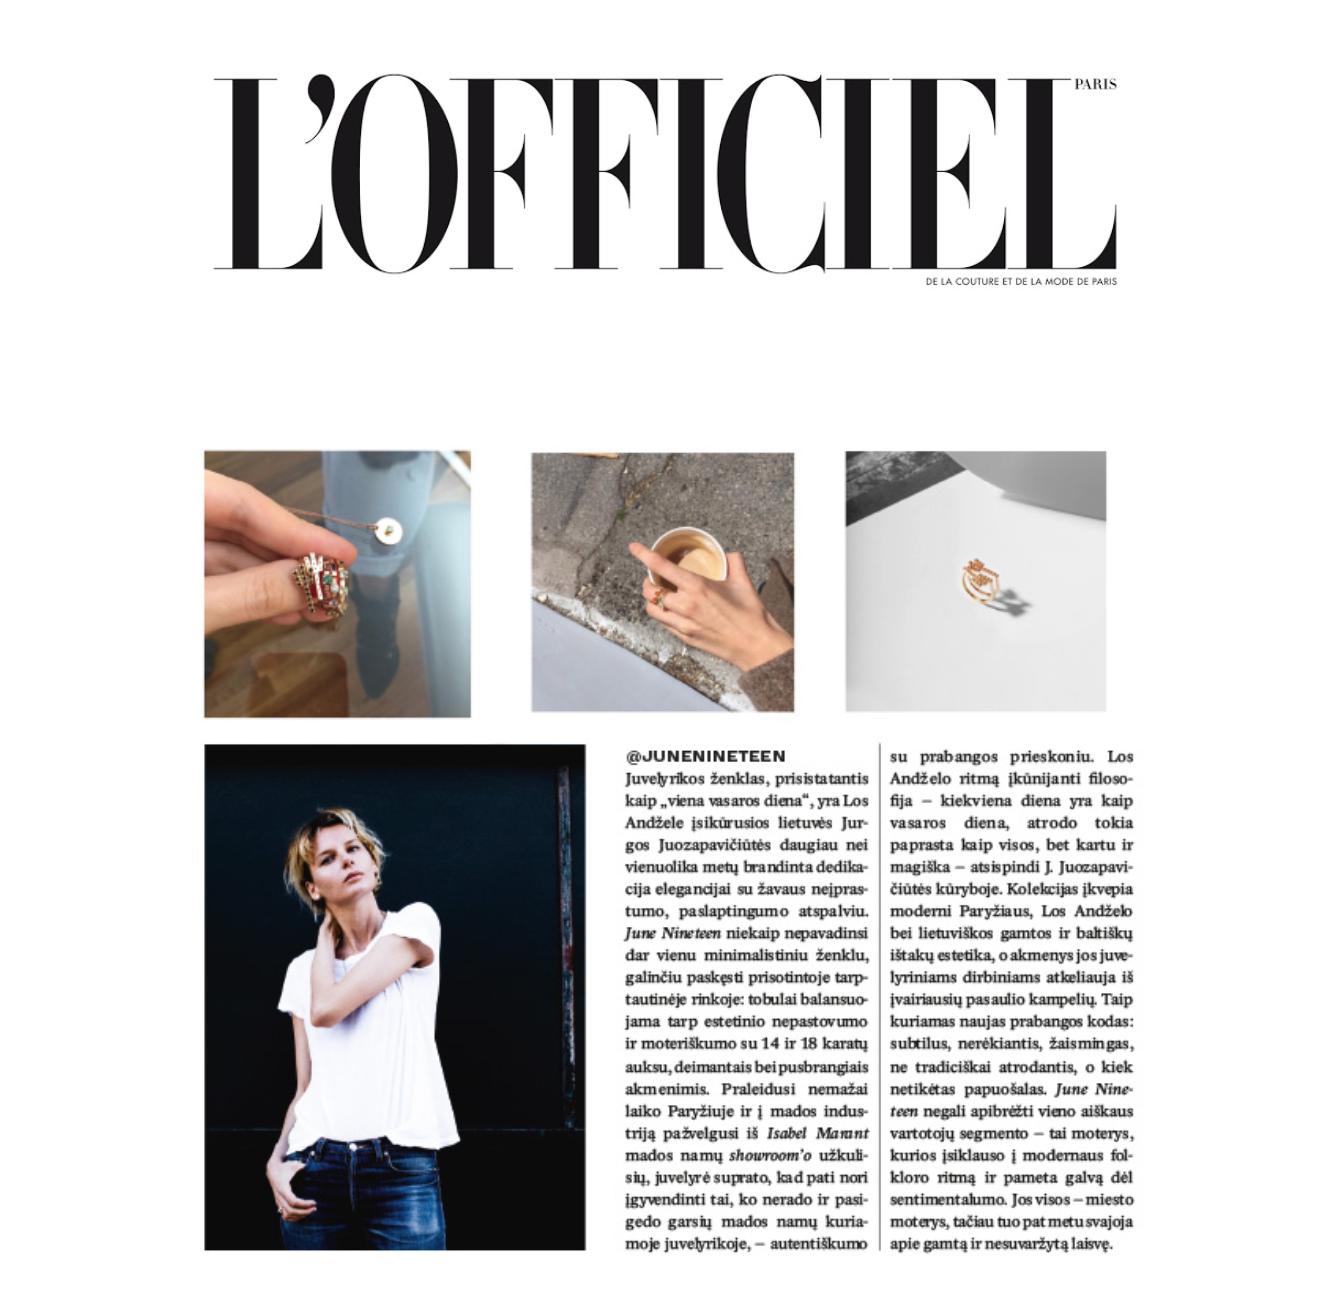 LOFFICIEL_JUNE_NINETEEN.png